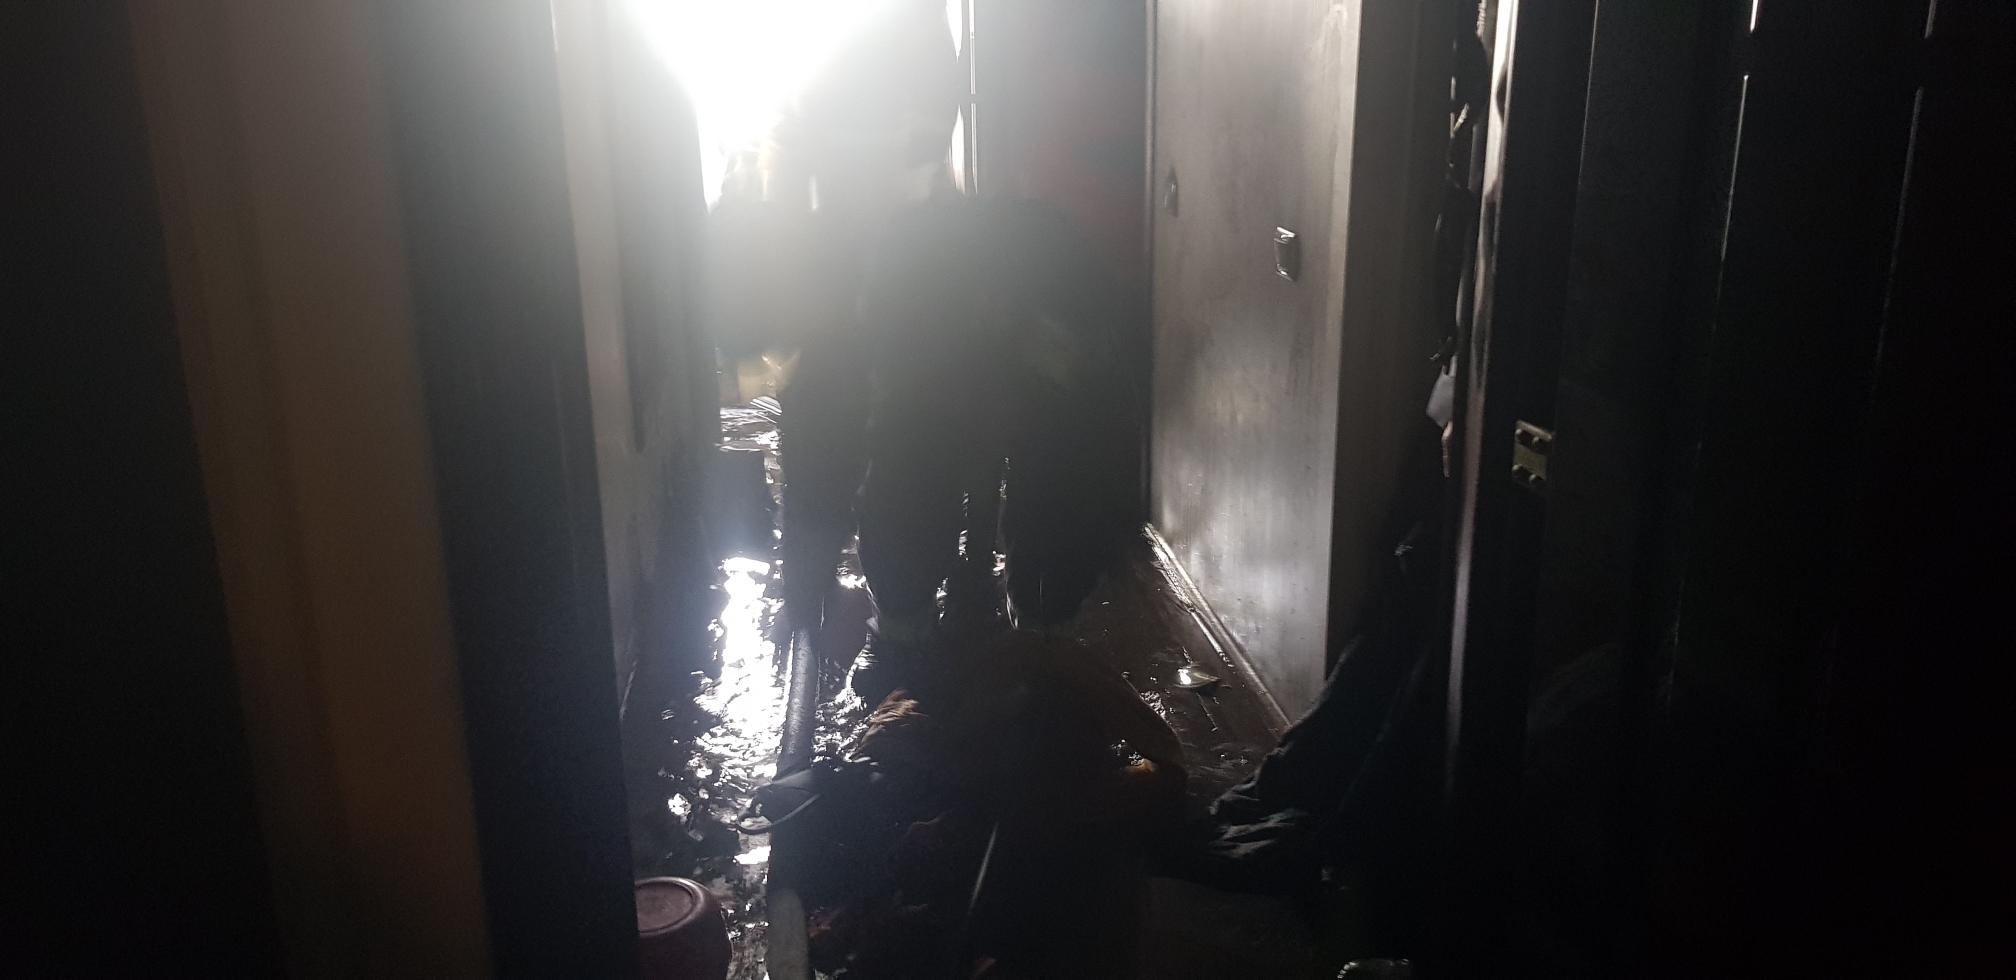 В Ярославле из-за возгорания в квартире эвакуировали целый подъезд